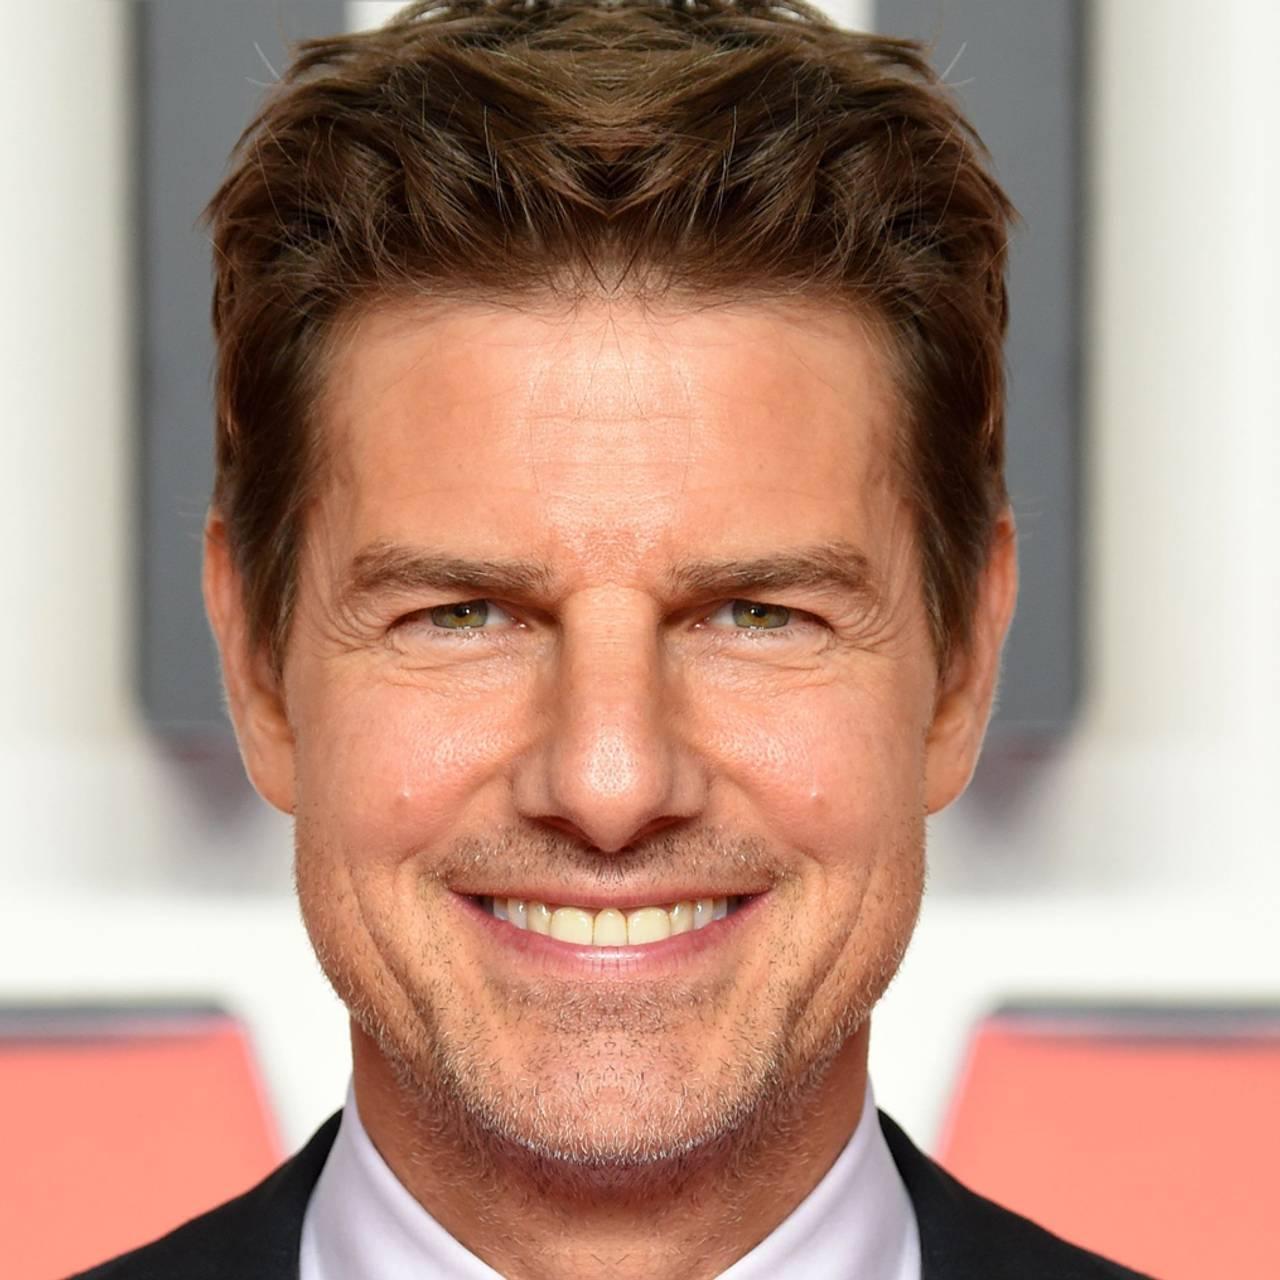 Portrettbilde av Tom Cruise hvor venstre side er speilet